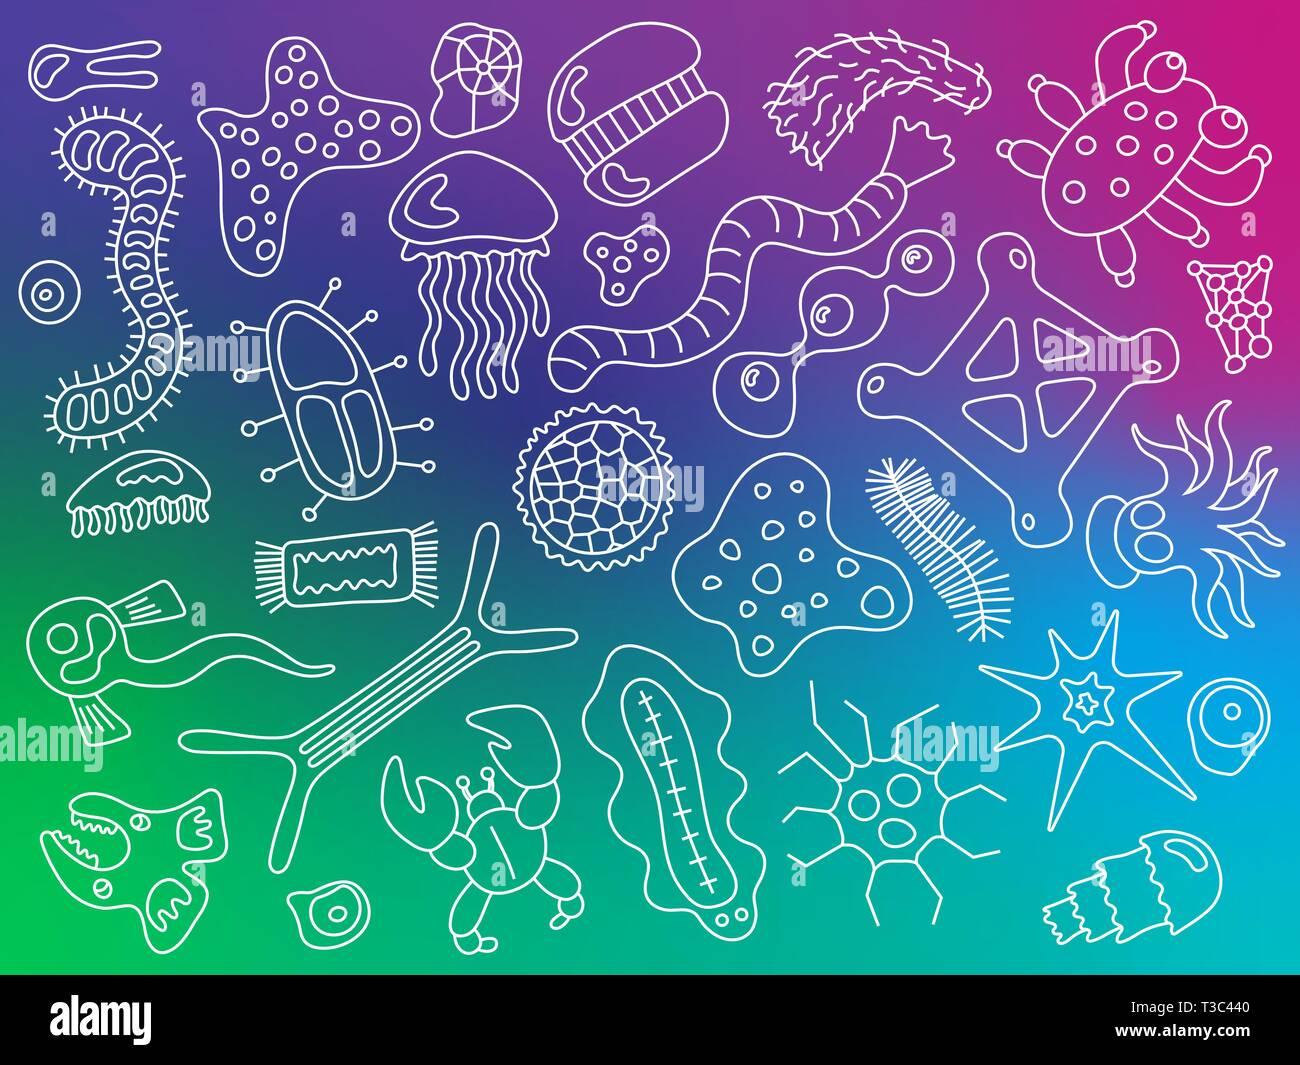 Vari microrganismi sulla colorata gradiente dello sfondo pattern. Sfondo con germi infettivi, protisti, microbi, malattia provocando batteri e virus. Immagini Stock